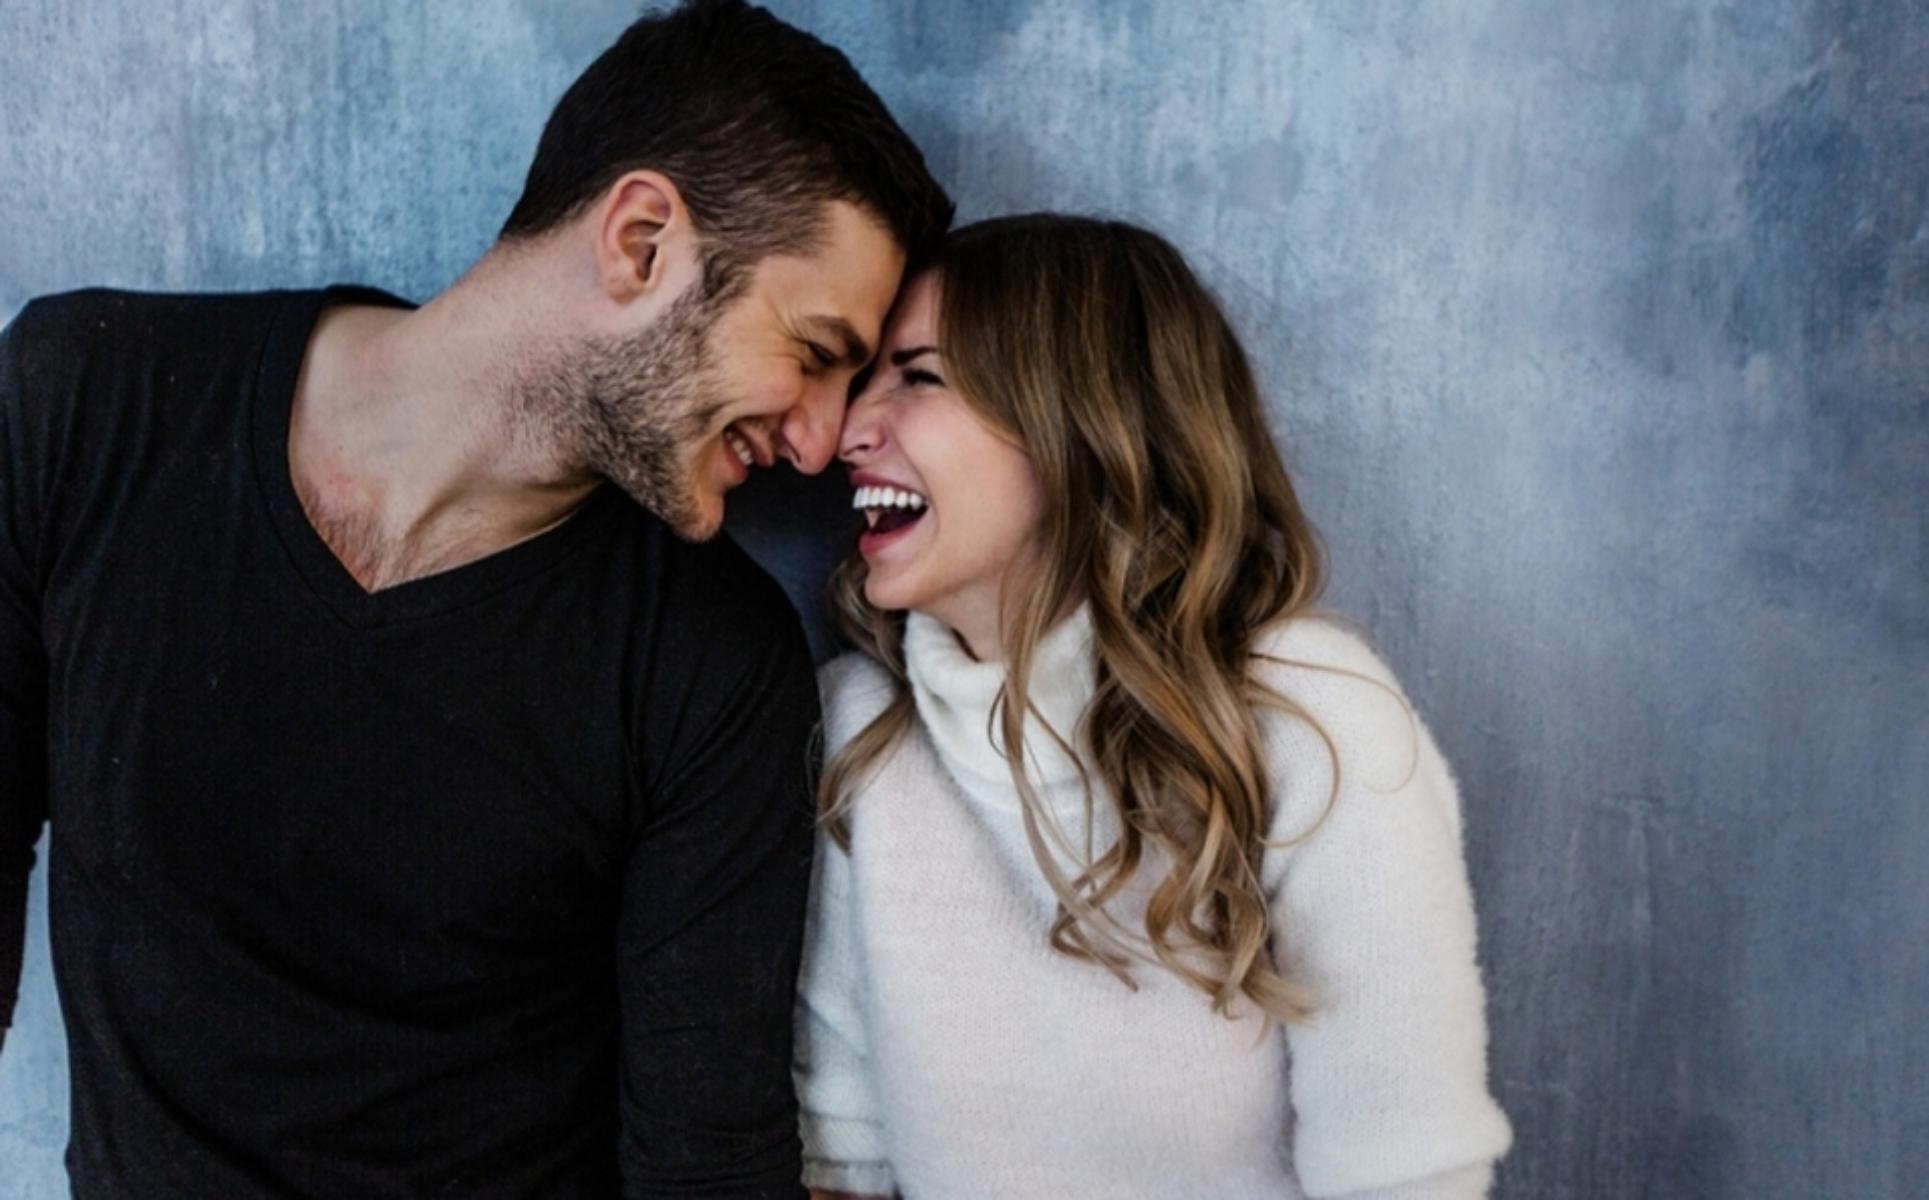 Ευτυχισμένες σχέσεις: Ποιο είναι το μυστικό τους